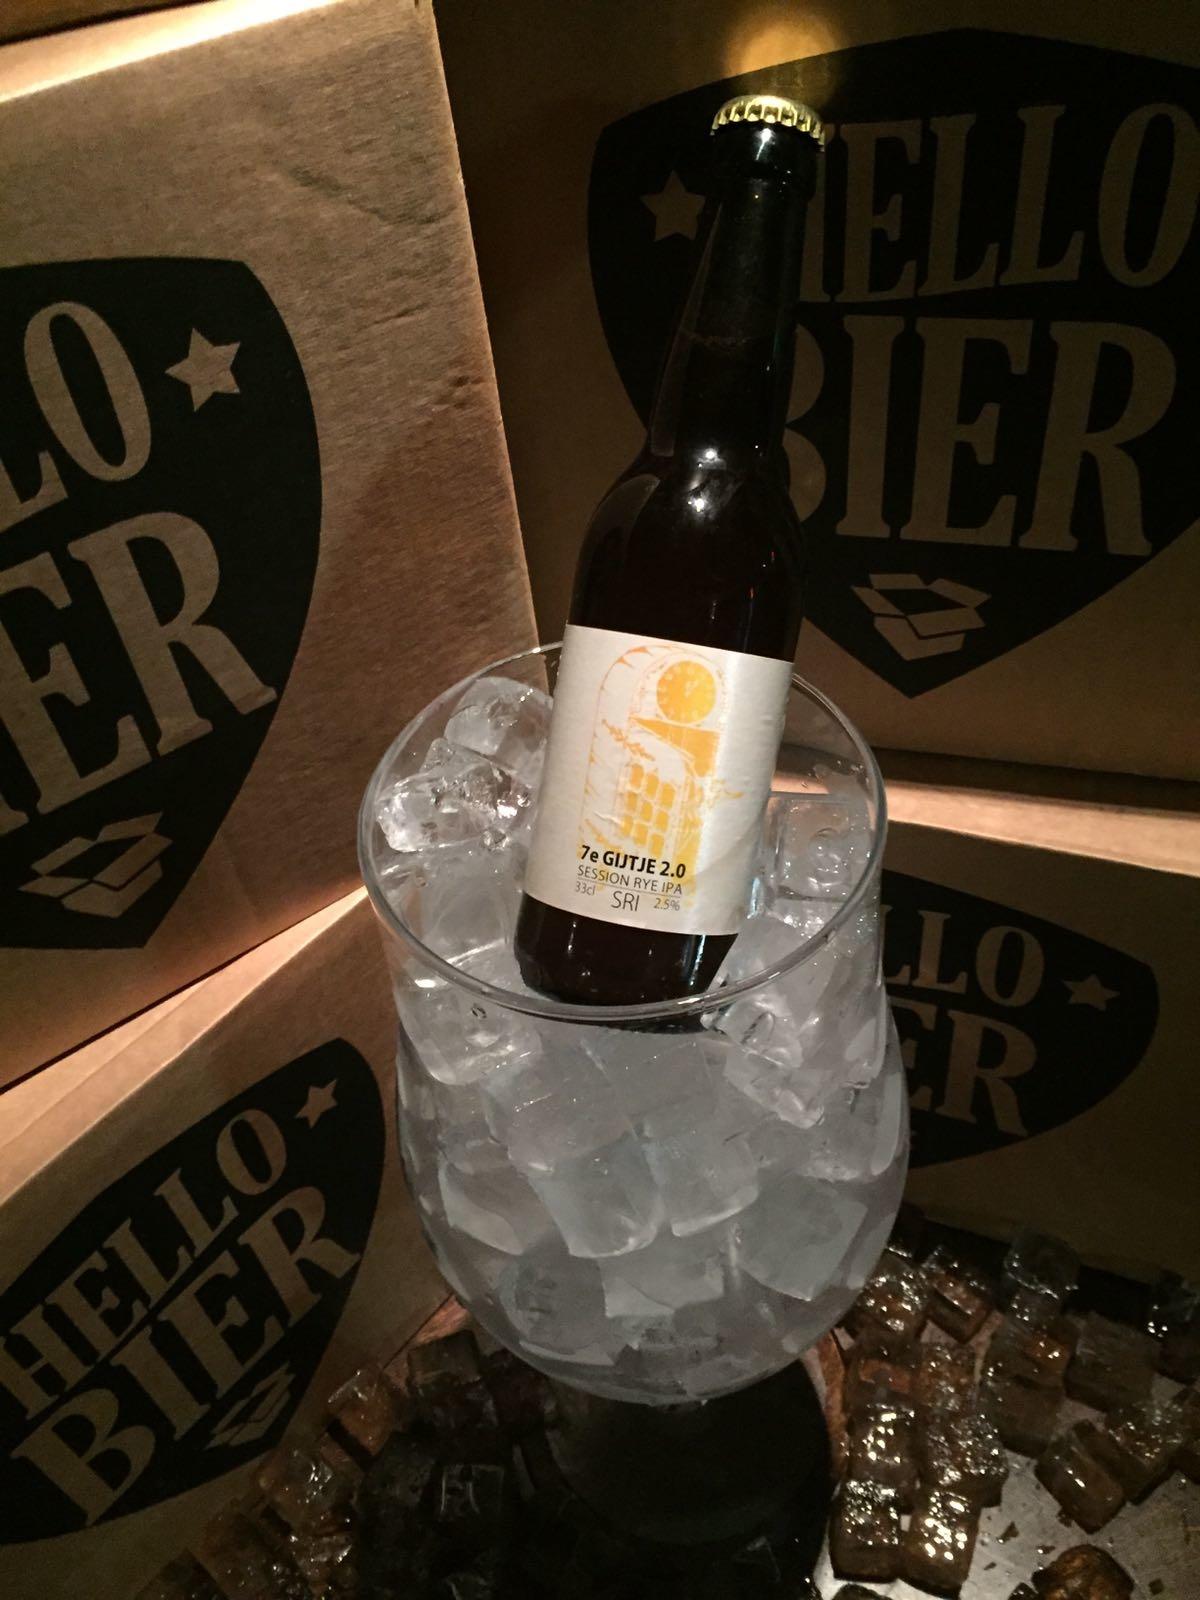 7e Gijtje 2.0 Herkomst: Le Roeulx, België Het 7e Gijtje klinkt als een sprookje en wij laten sprookjes graag uitkomen. De Natte Gijt heeft een Session RYE IPA gebrouwen. Dit met rogge gebrouwen bier is gemaakt met de hopsoorten Simcoe en Mosaic en heeft een verrassend laag alcoholpercenta-ge. De hopsmaak is goed aanwezig en in de afdronk herken je een zuurtje vergezeld met een bittertje. Sluit je ogen, ruik aan het bier en het lijkt alsof je midden in de Ar-dennen staat in een gebied omringd met Dennenbomen. Lees het verrassende ver-volg van het sprookje op het etiket van het flesje. Het bier bevat een alcoholpercenta-ge van 2,5%. Advies serveertemperatuur: 5 graden